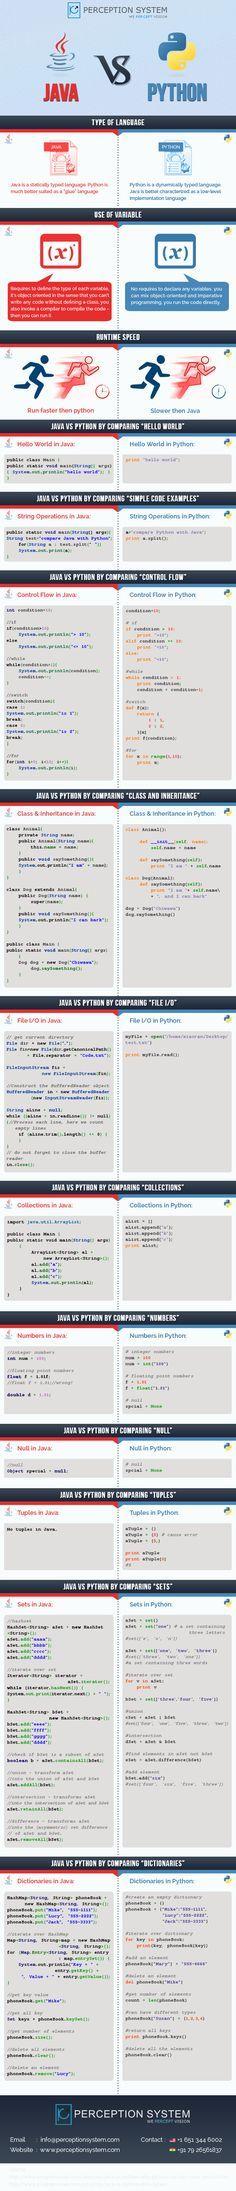 Interesante infografía comparativa entre los lenguajes de programación Java y…